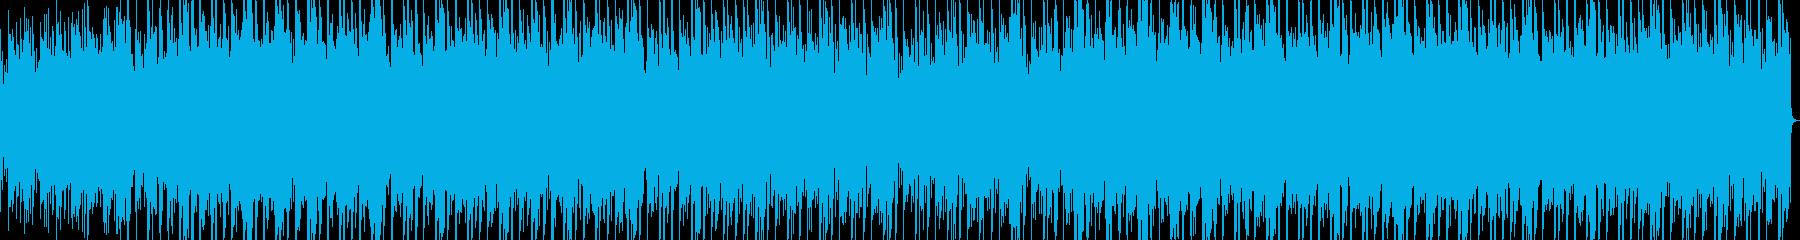 キャンプ・アウトドアなアコギBGMの再生済みの波形